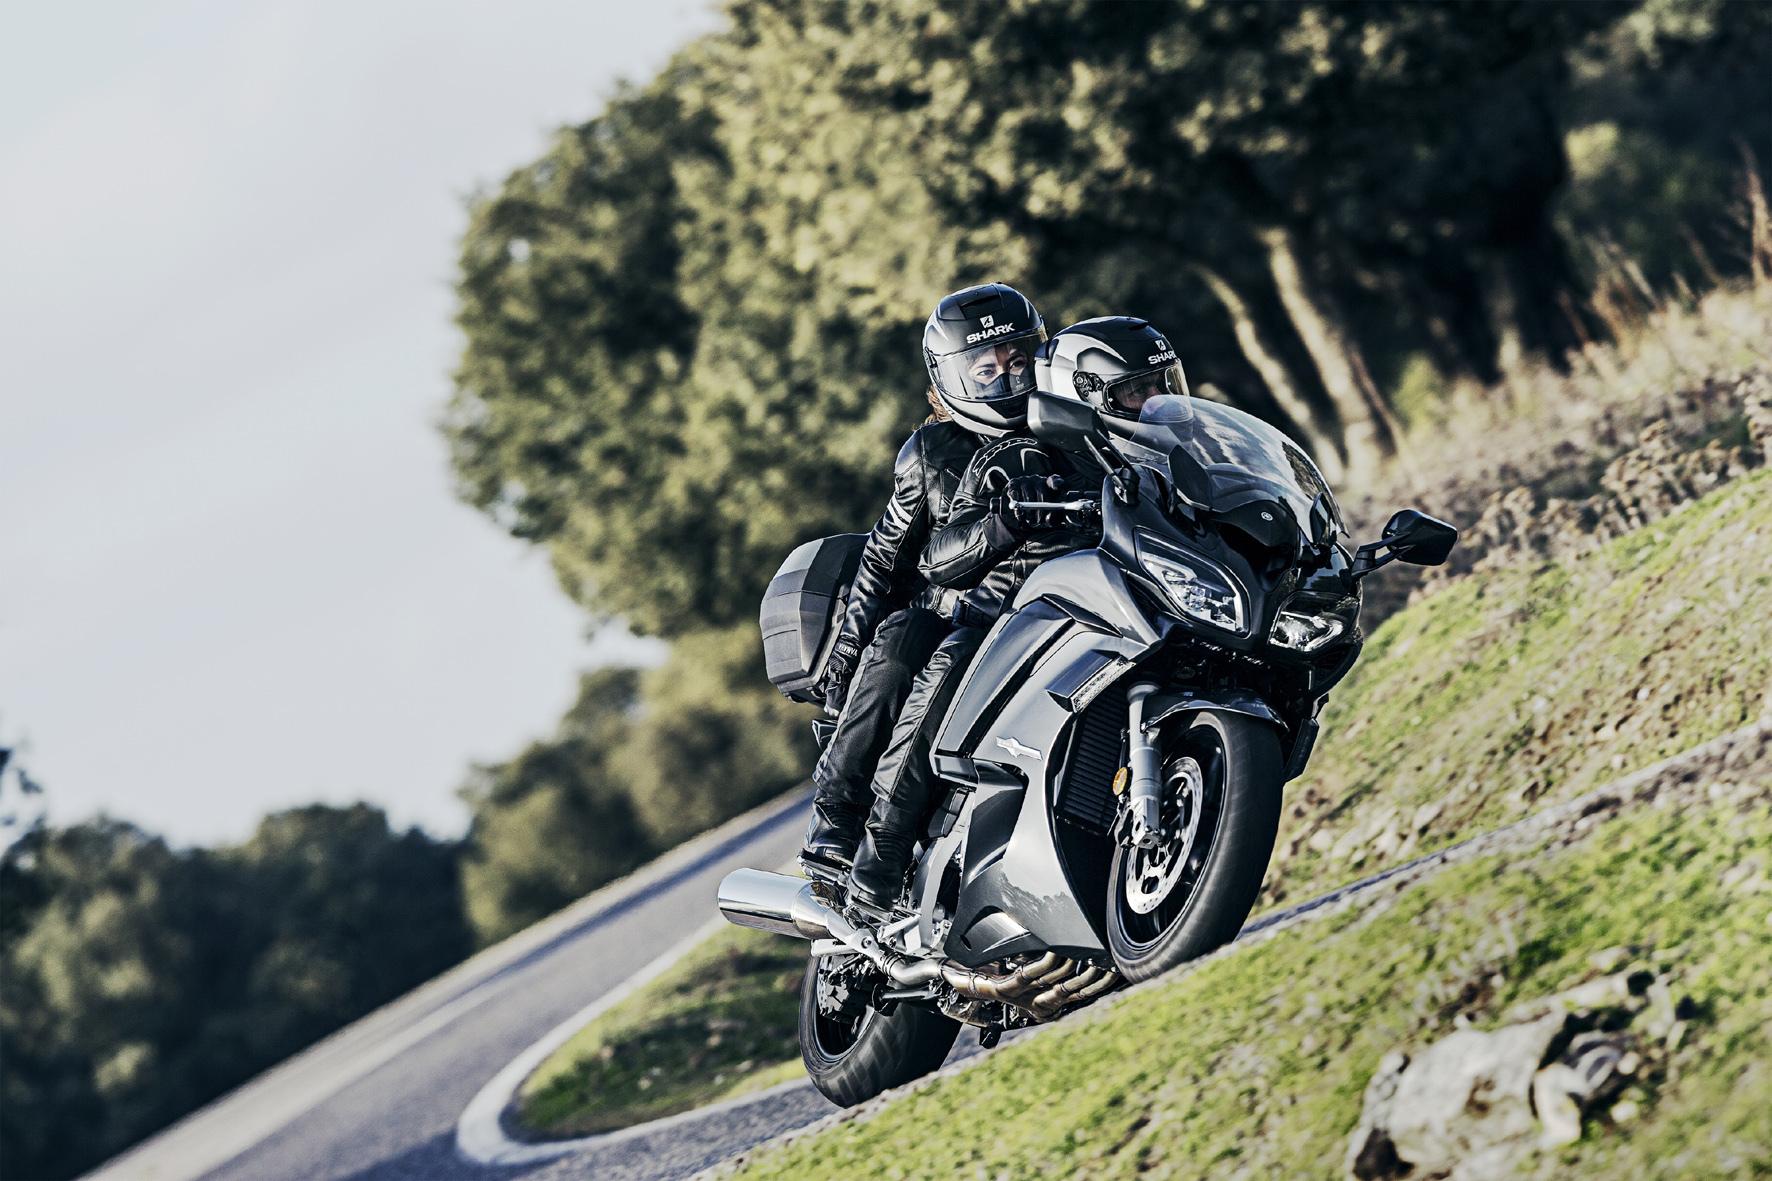 mid Neuss - Yamaha überarbeitet sein Touring-Bike FJR 1300 und verspricht mehr Dynamik und besseren Komfort. Komplett neu ist das Sechsgang-Getriebe.